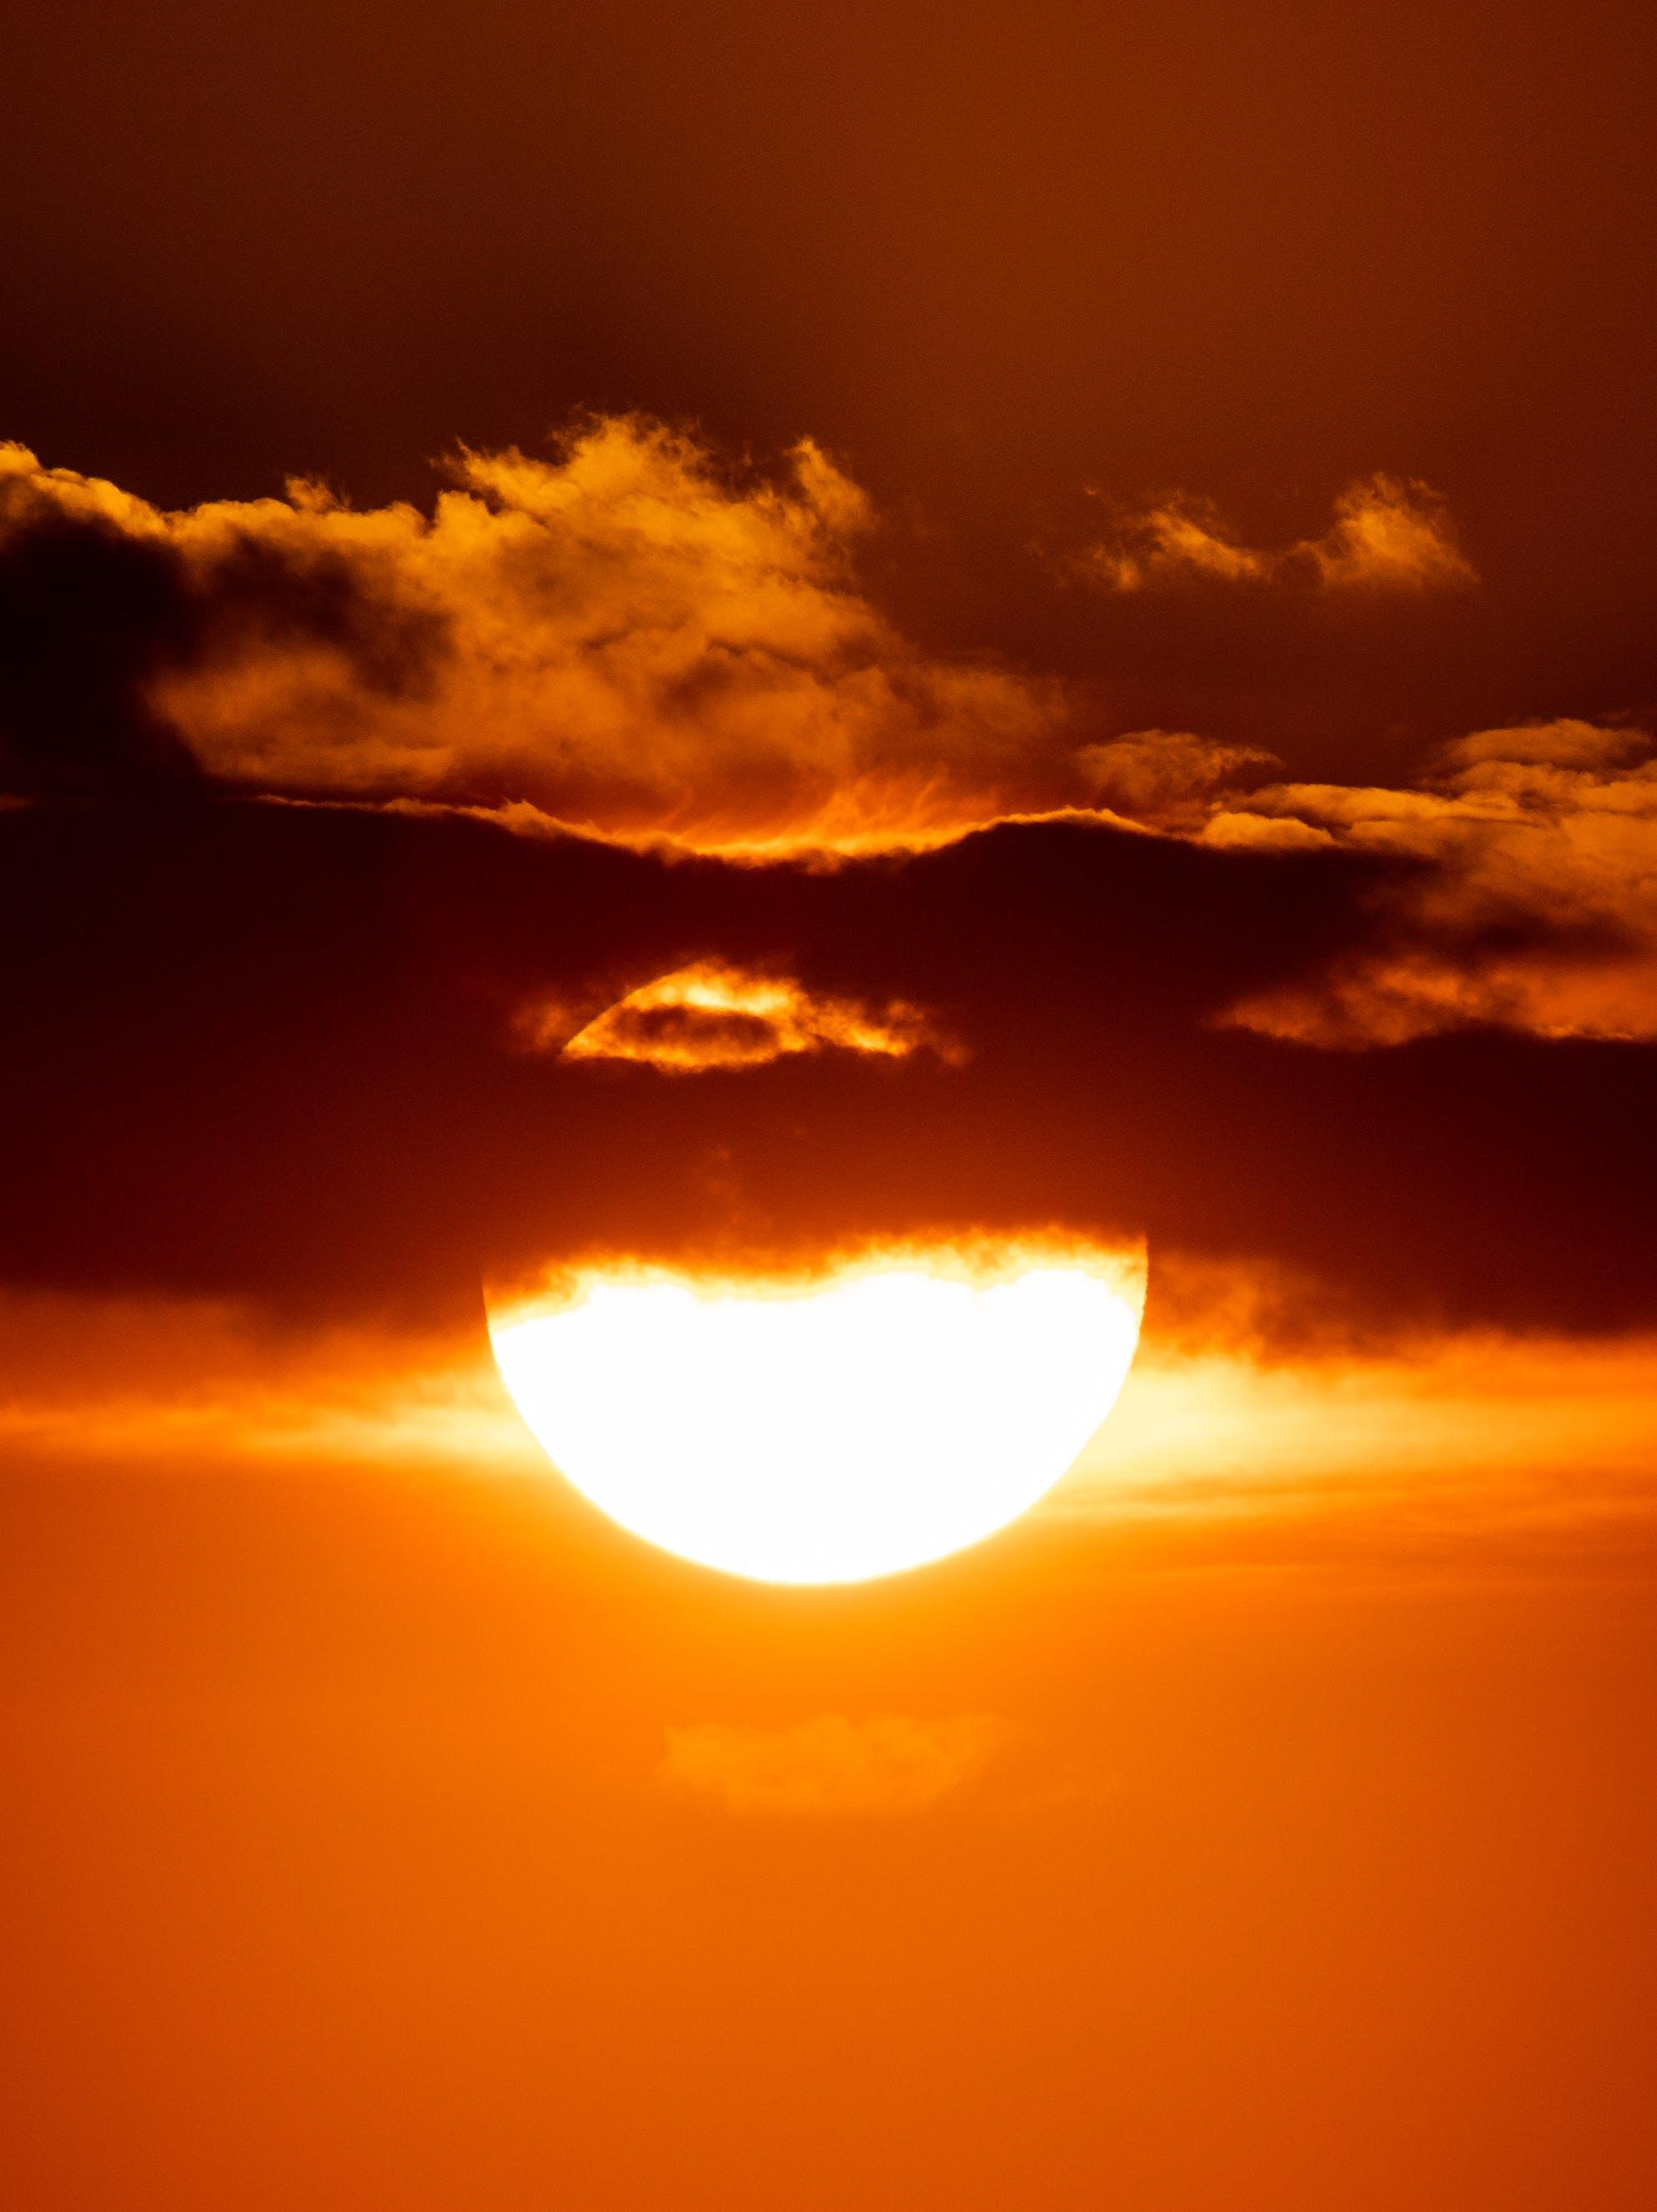 太陽, 日落, 雲 的 免費圖庫相片